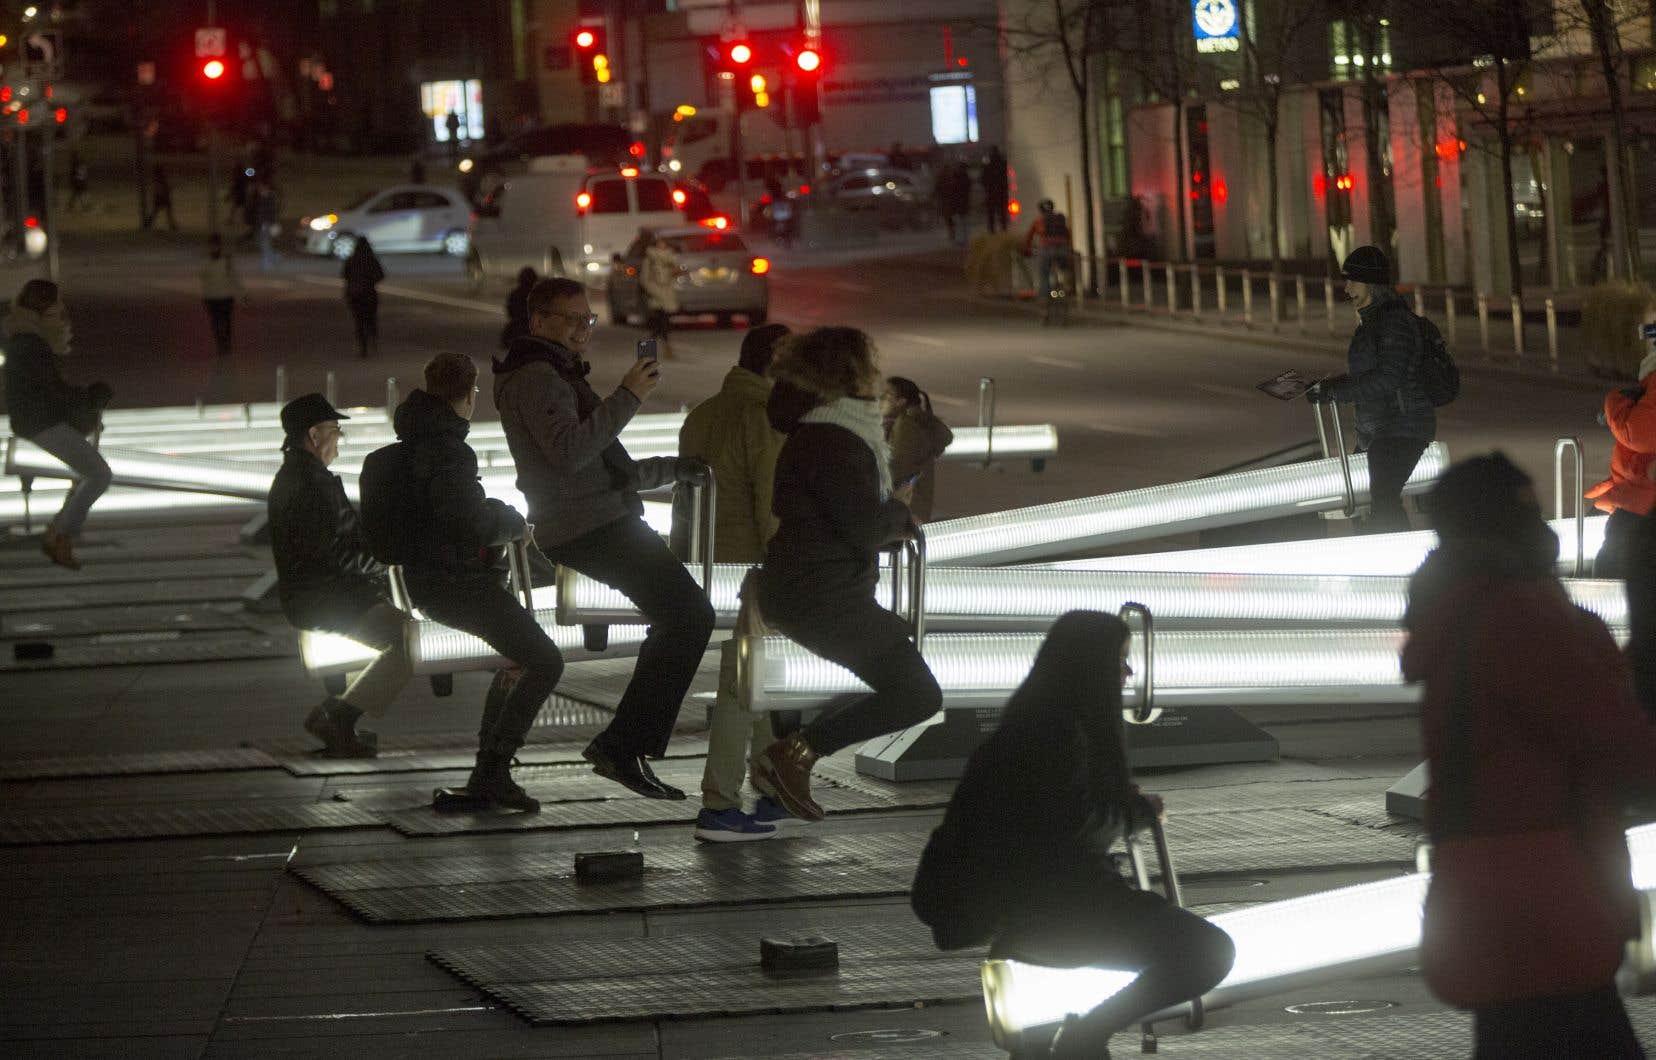 «Impulsion» a été créée dans le cadre d'un concours organisé par le Partenariat du Quartier des spectacles pour la sixième édition de Luminothérapie, en 2015-2016.